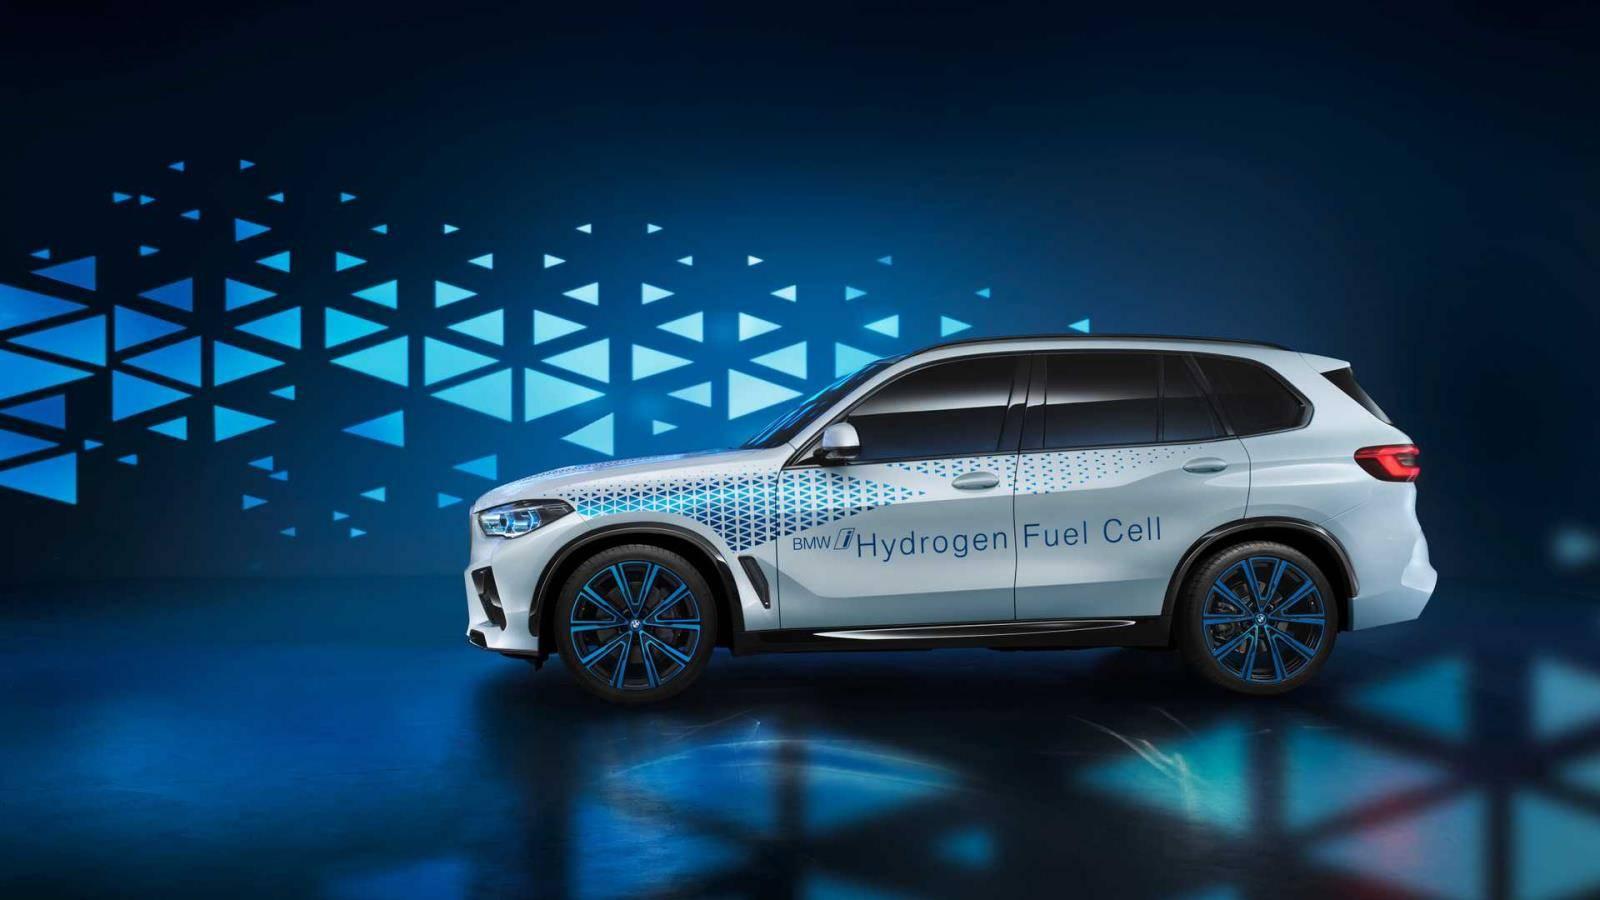 374马力!宝马丰田合作开发,预计将推氢能源宝马X5